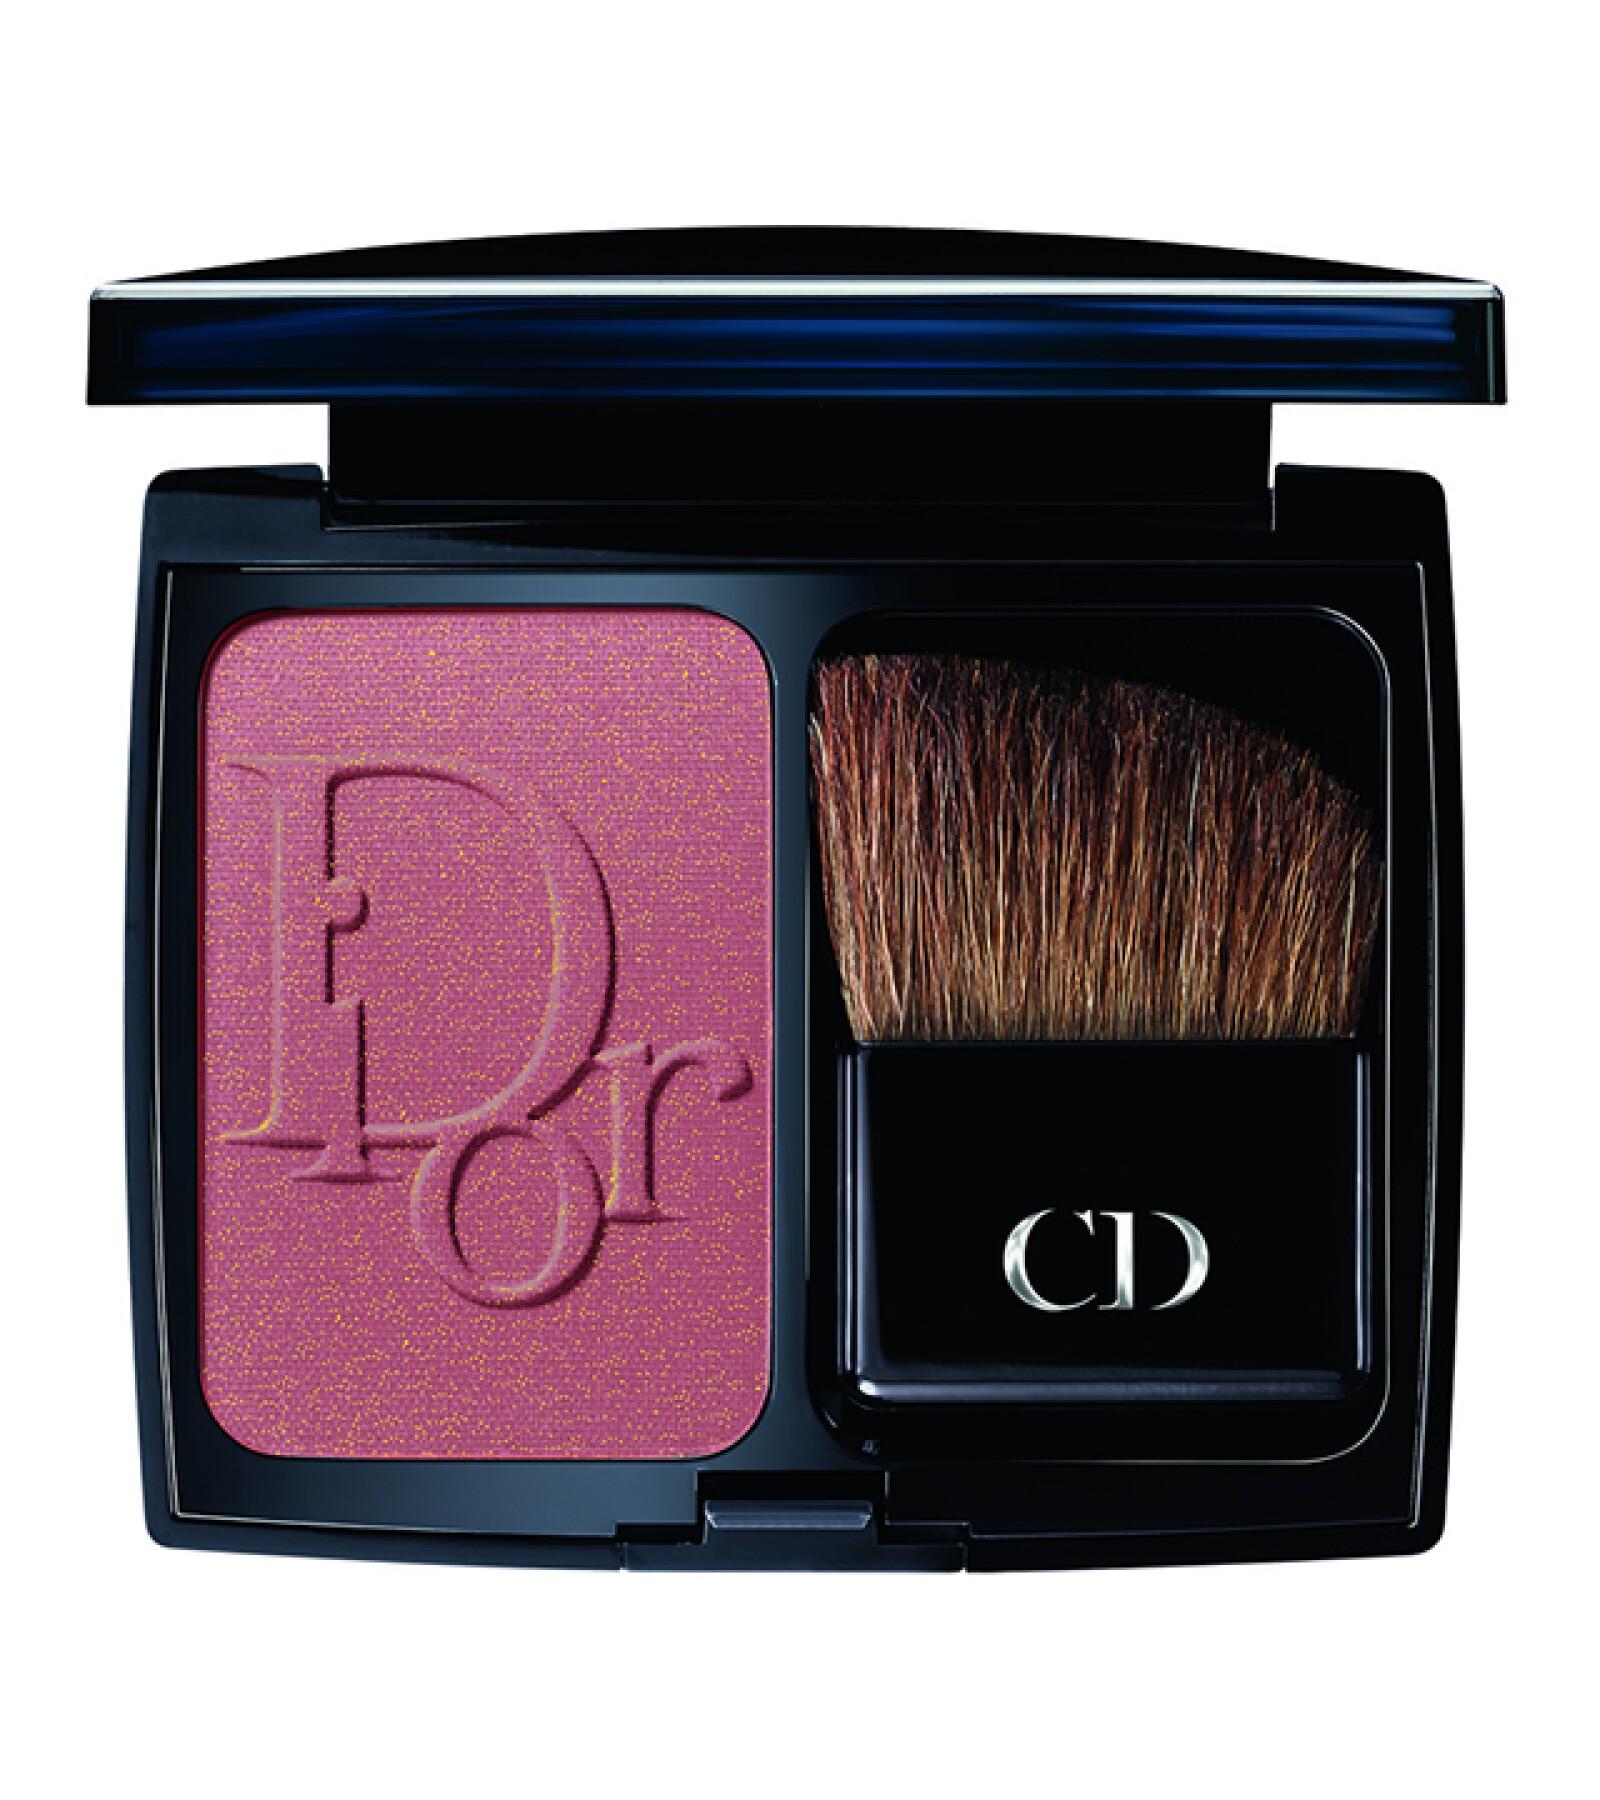 La edición limitada de DiorBlush, en tono Rose Sublime, el emblemático blush de la Maison con textura de polvo que se fusiona con tu piel y es ideal para regalar. El Palacio de Hierro Perisur. Precio en punto de venta.